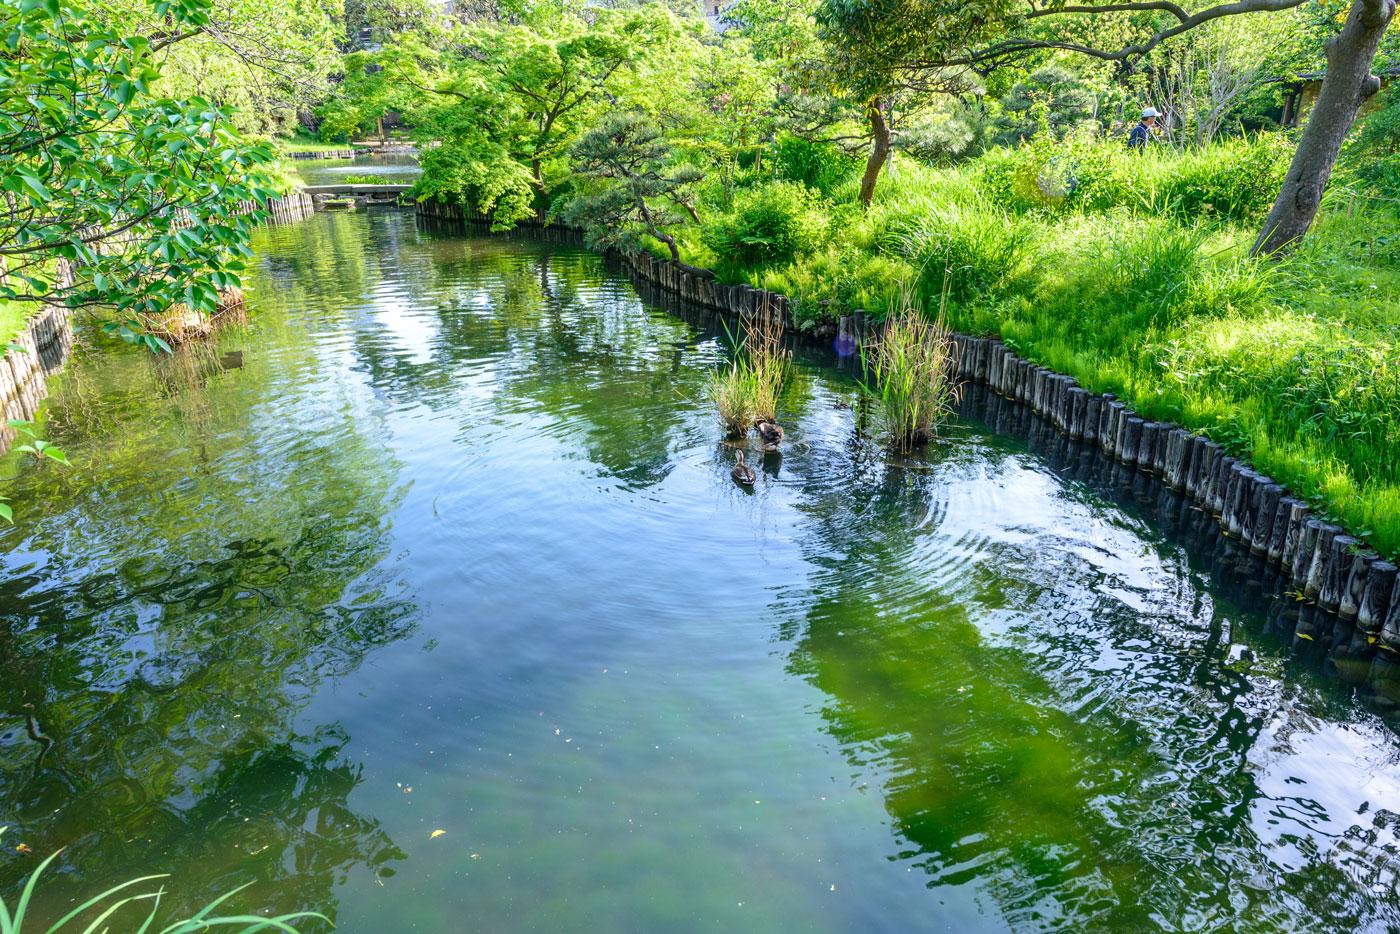 都立向島百花園4(これから花しょうぶやあやめが色とりどりに咲き誇ります)